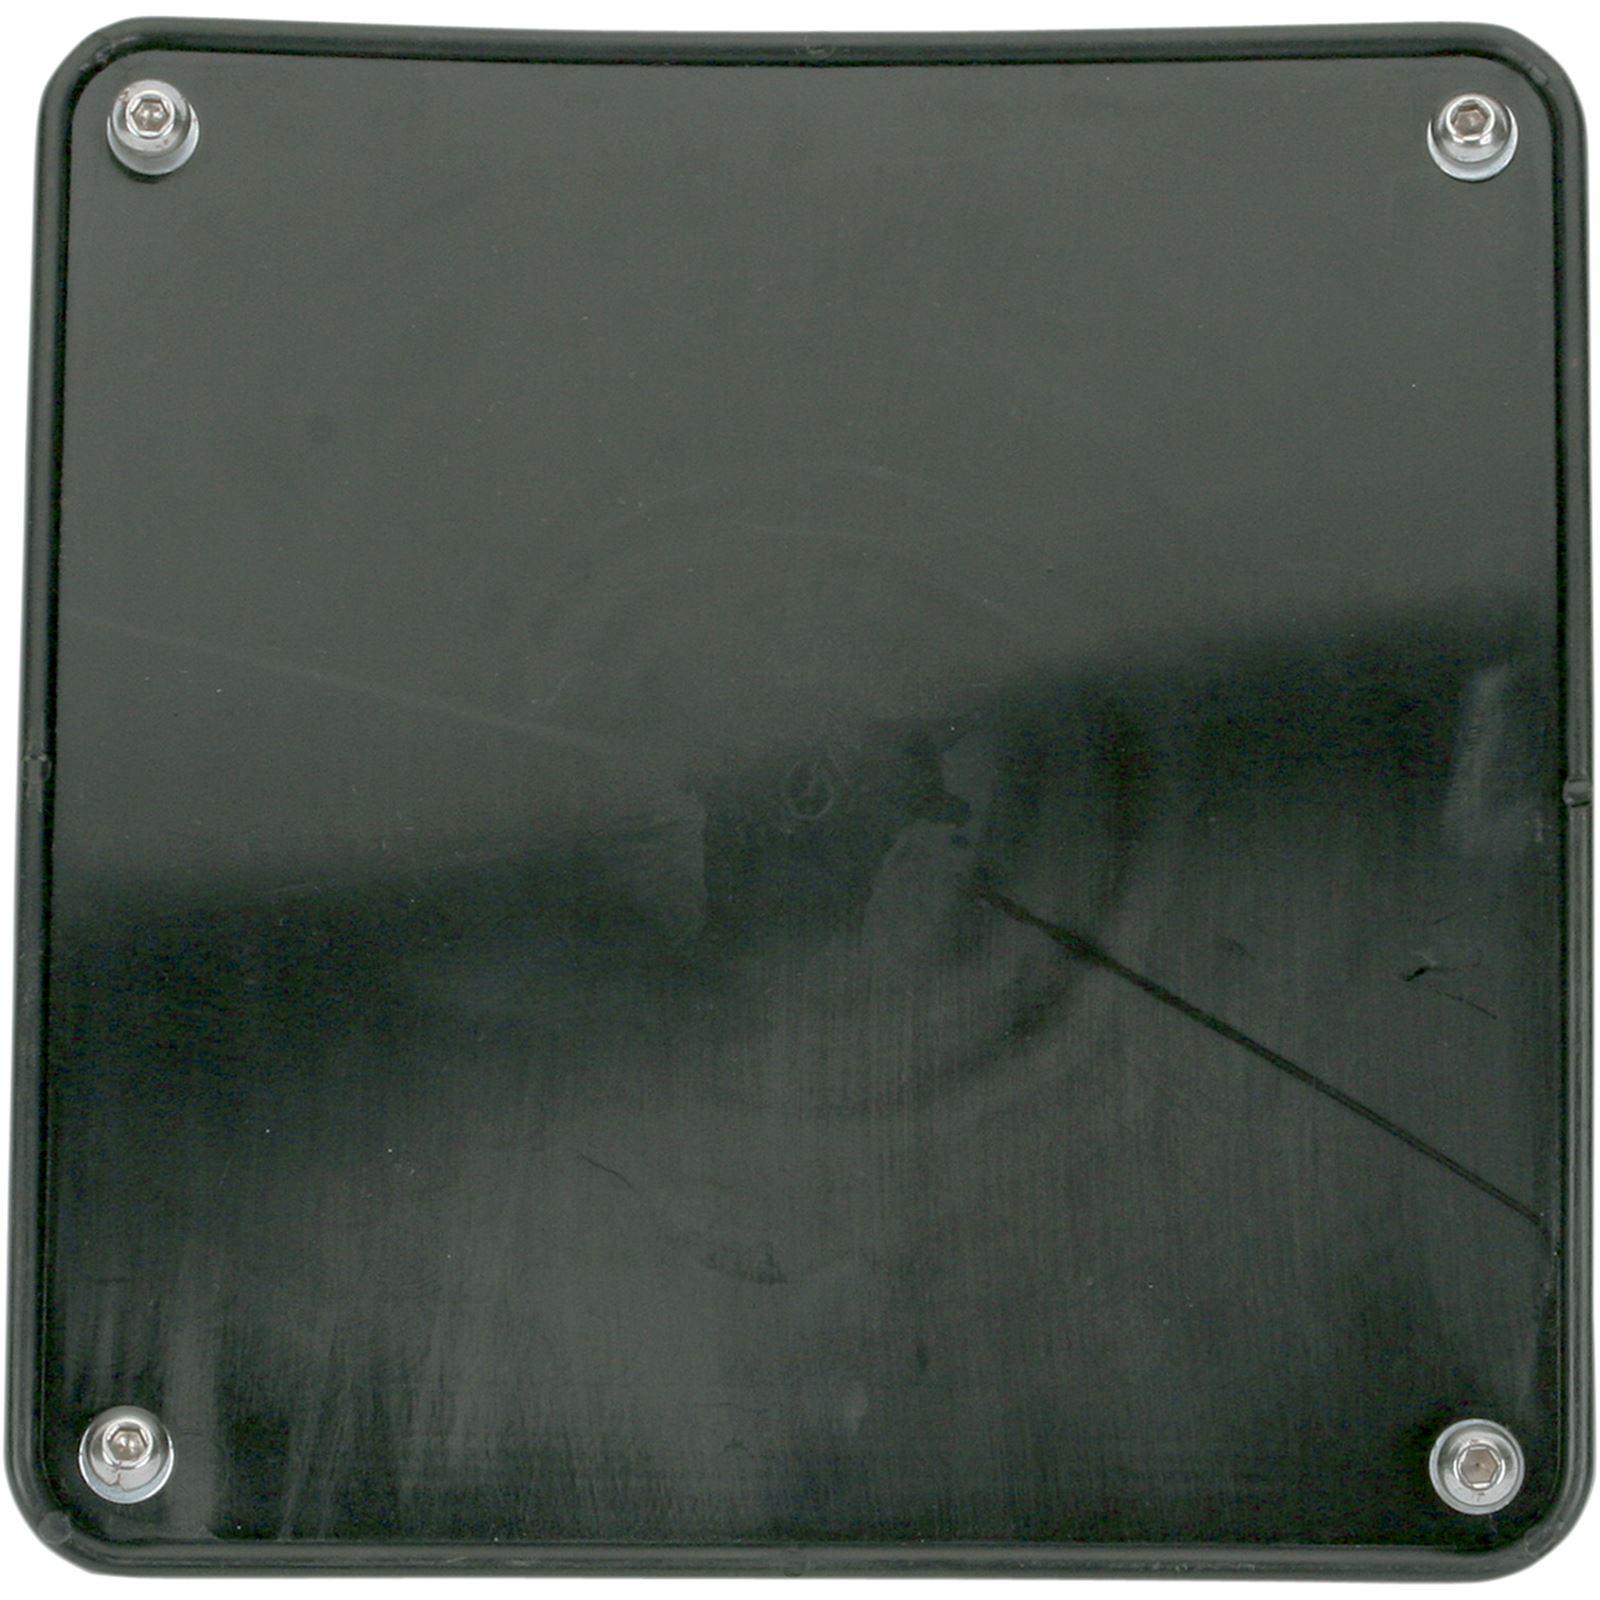 Motorsport Products Bumper Number Plate - Black